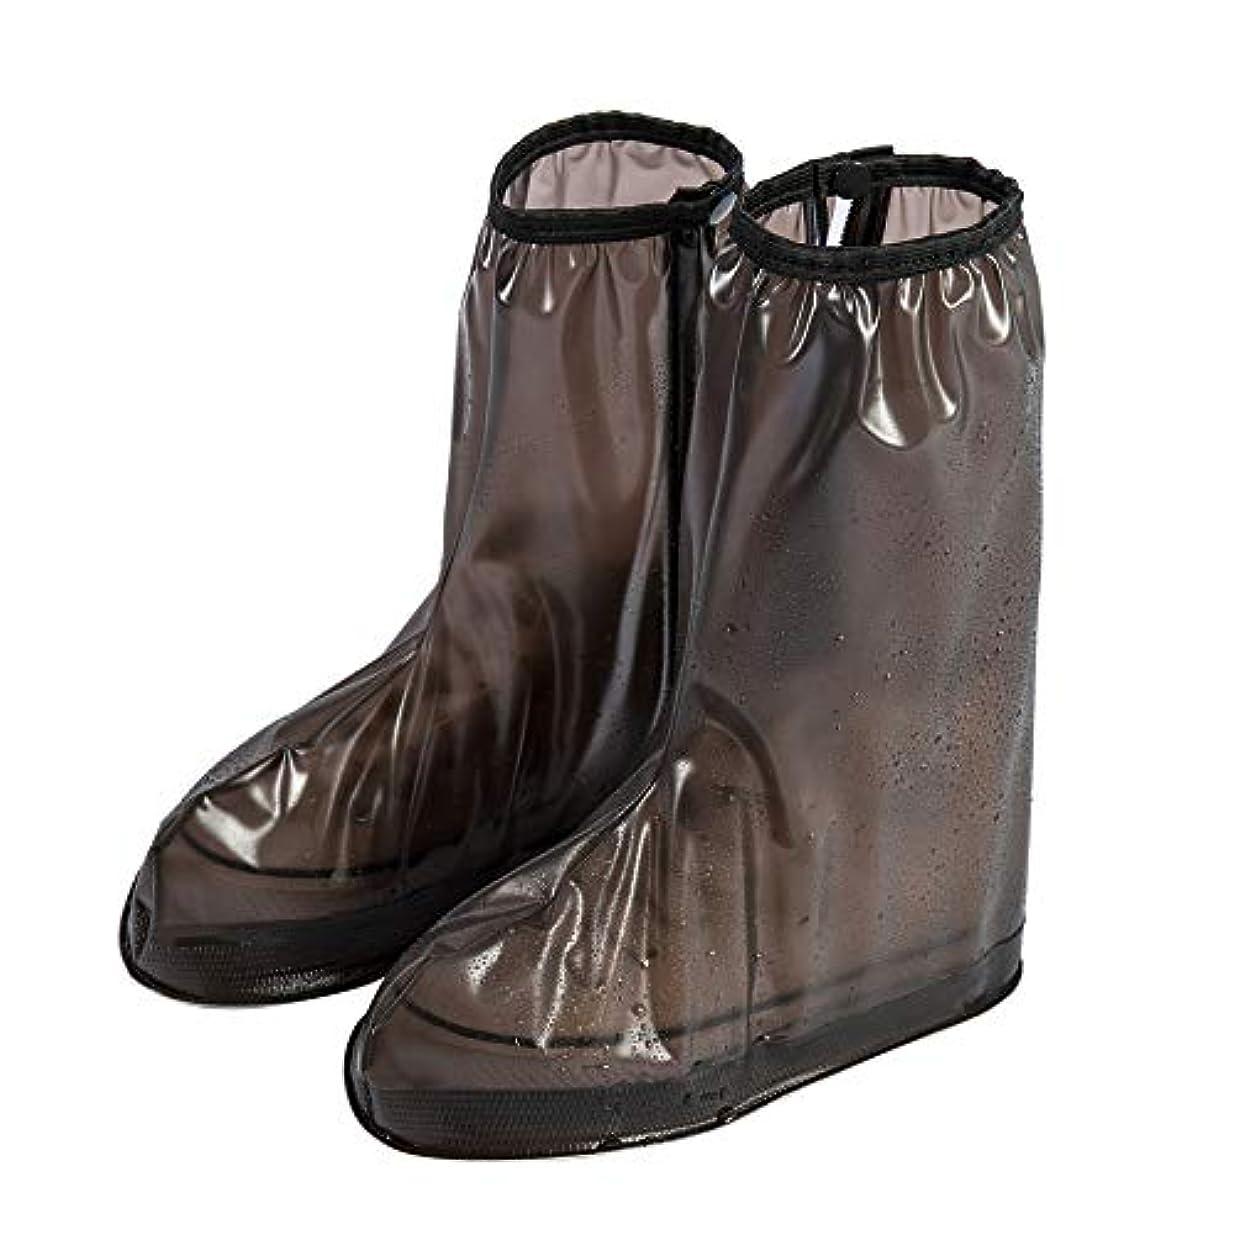 研磨で高層ビル防水靴カバー 自転車の靴のカバー、女性のための防水レインブーツの靴のカバー男性 - 黒のアンチスリップ再利用可能な洗える雨の雪のブーツカバーカバーバイクのオートバイのブーツの靴カバーレインスーツ/ギアMTB男性のためのバイクBiの靴カバー女性 (色 : コーヒー, サイズ : X-Large)